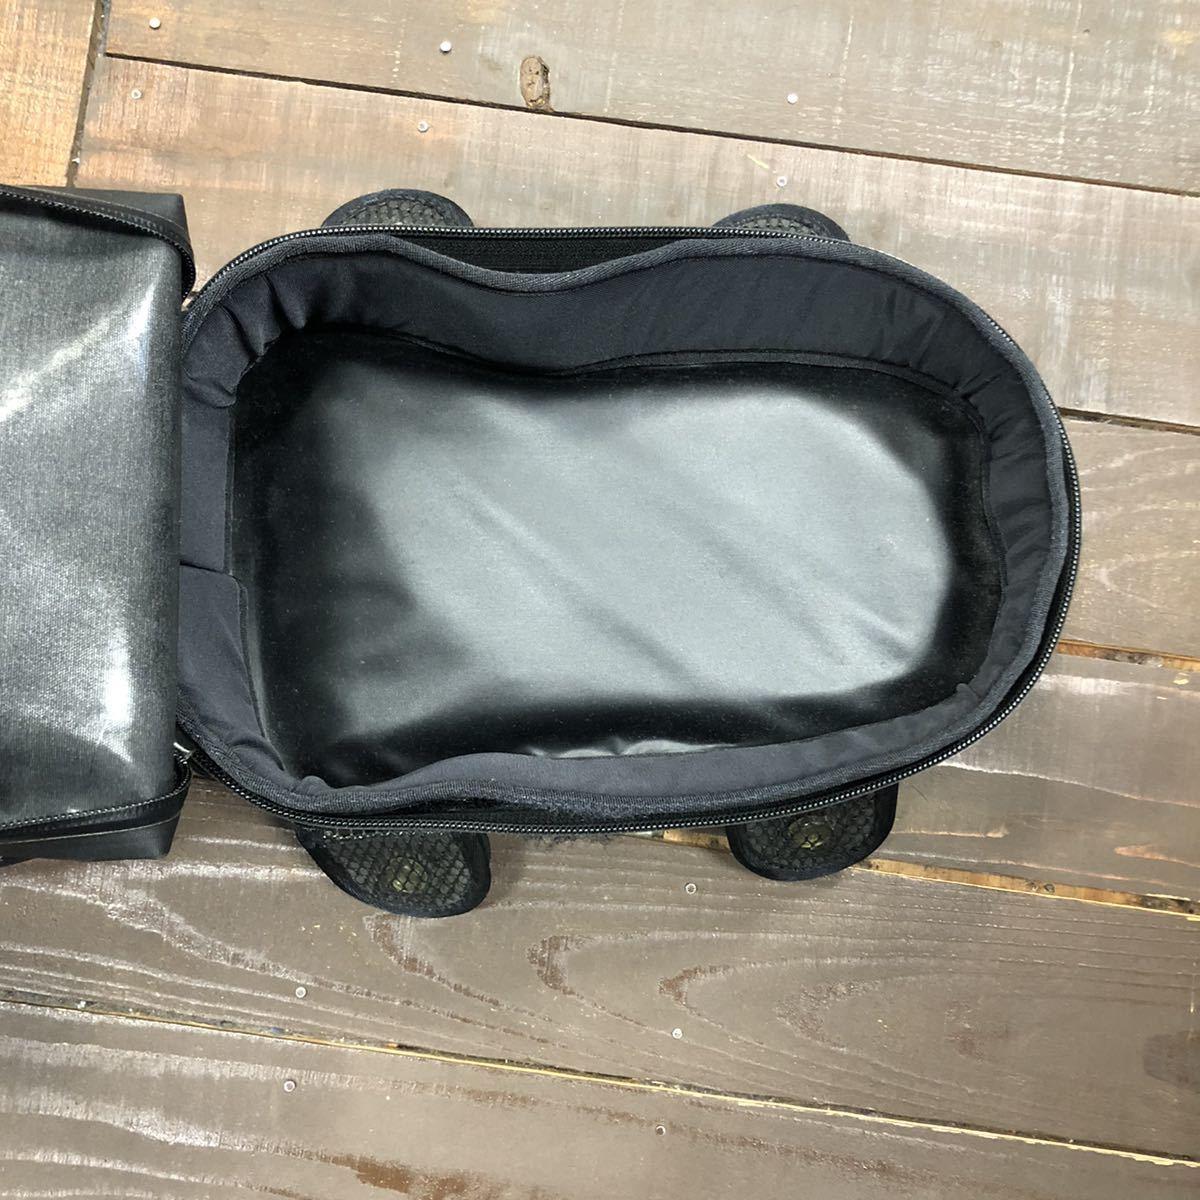 HONDA ホンダ スポルトシート バッグ バイク 中古 使用感あり 止水ジップ ブラック 黒_画像7